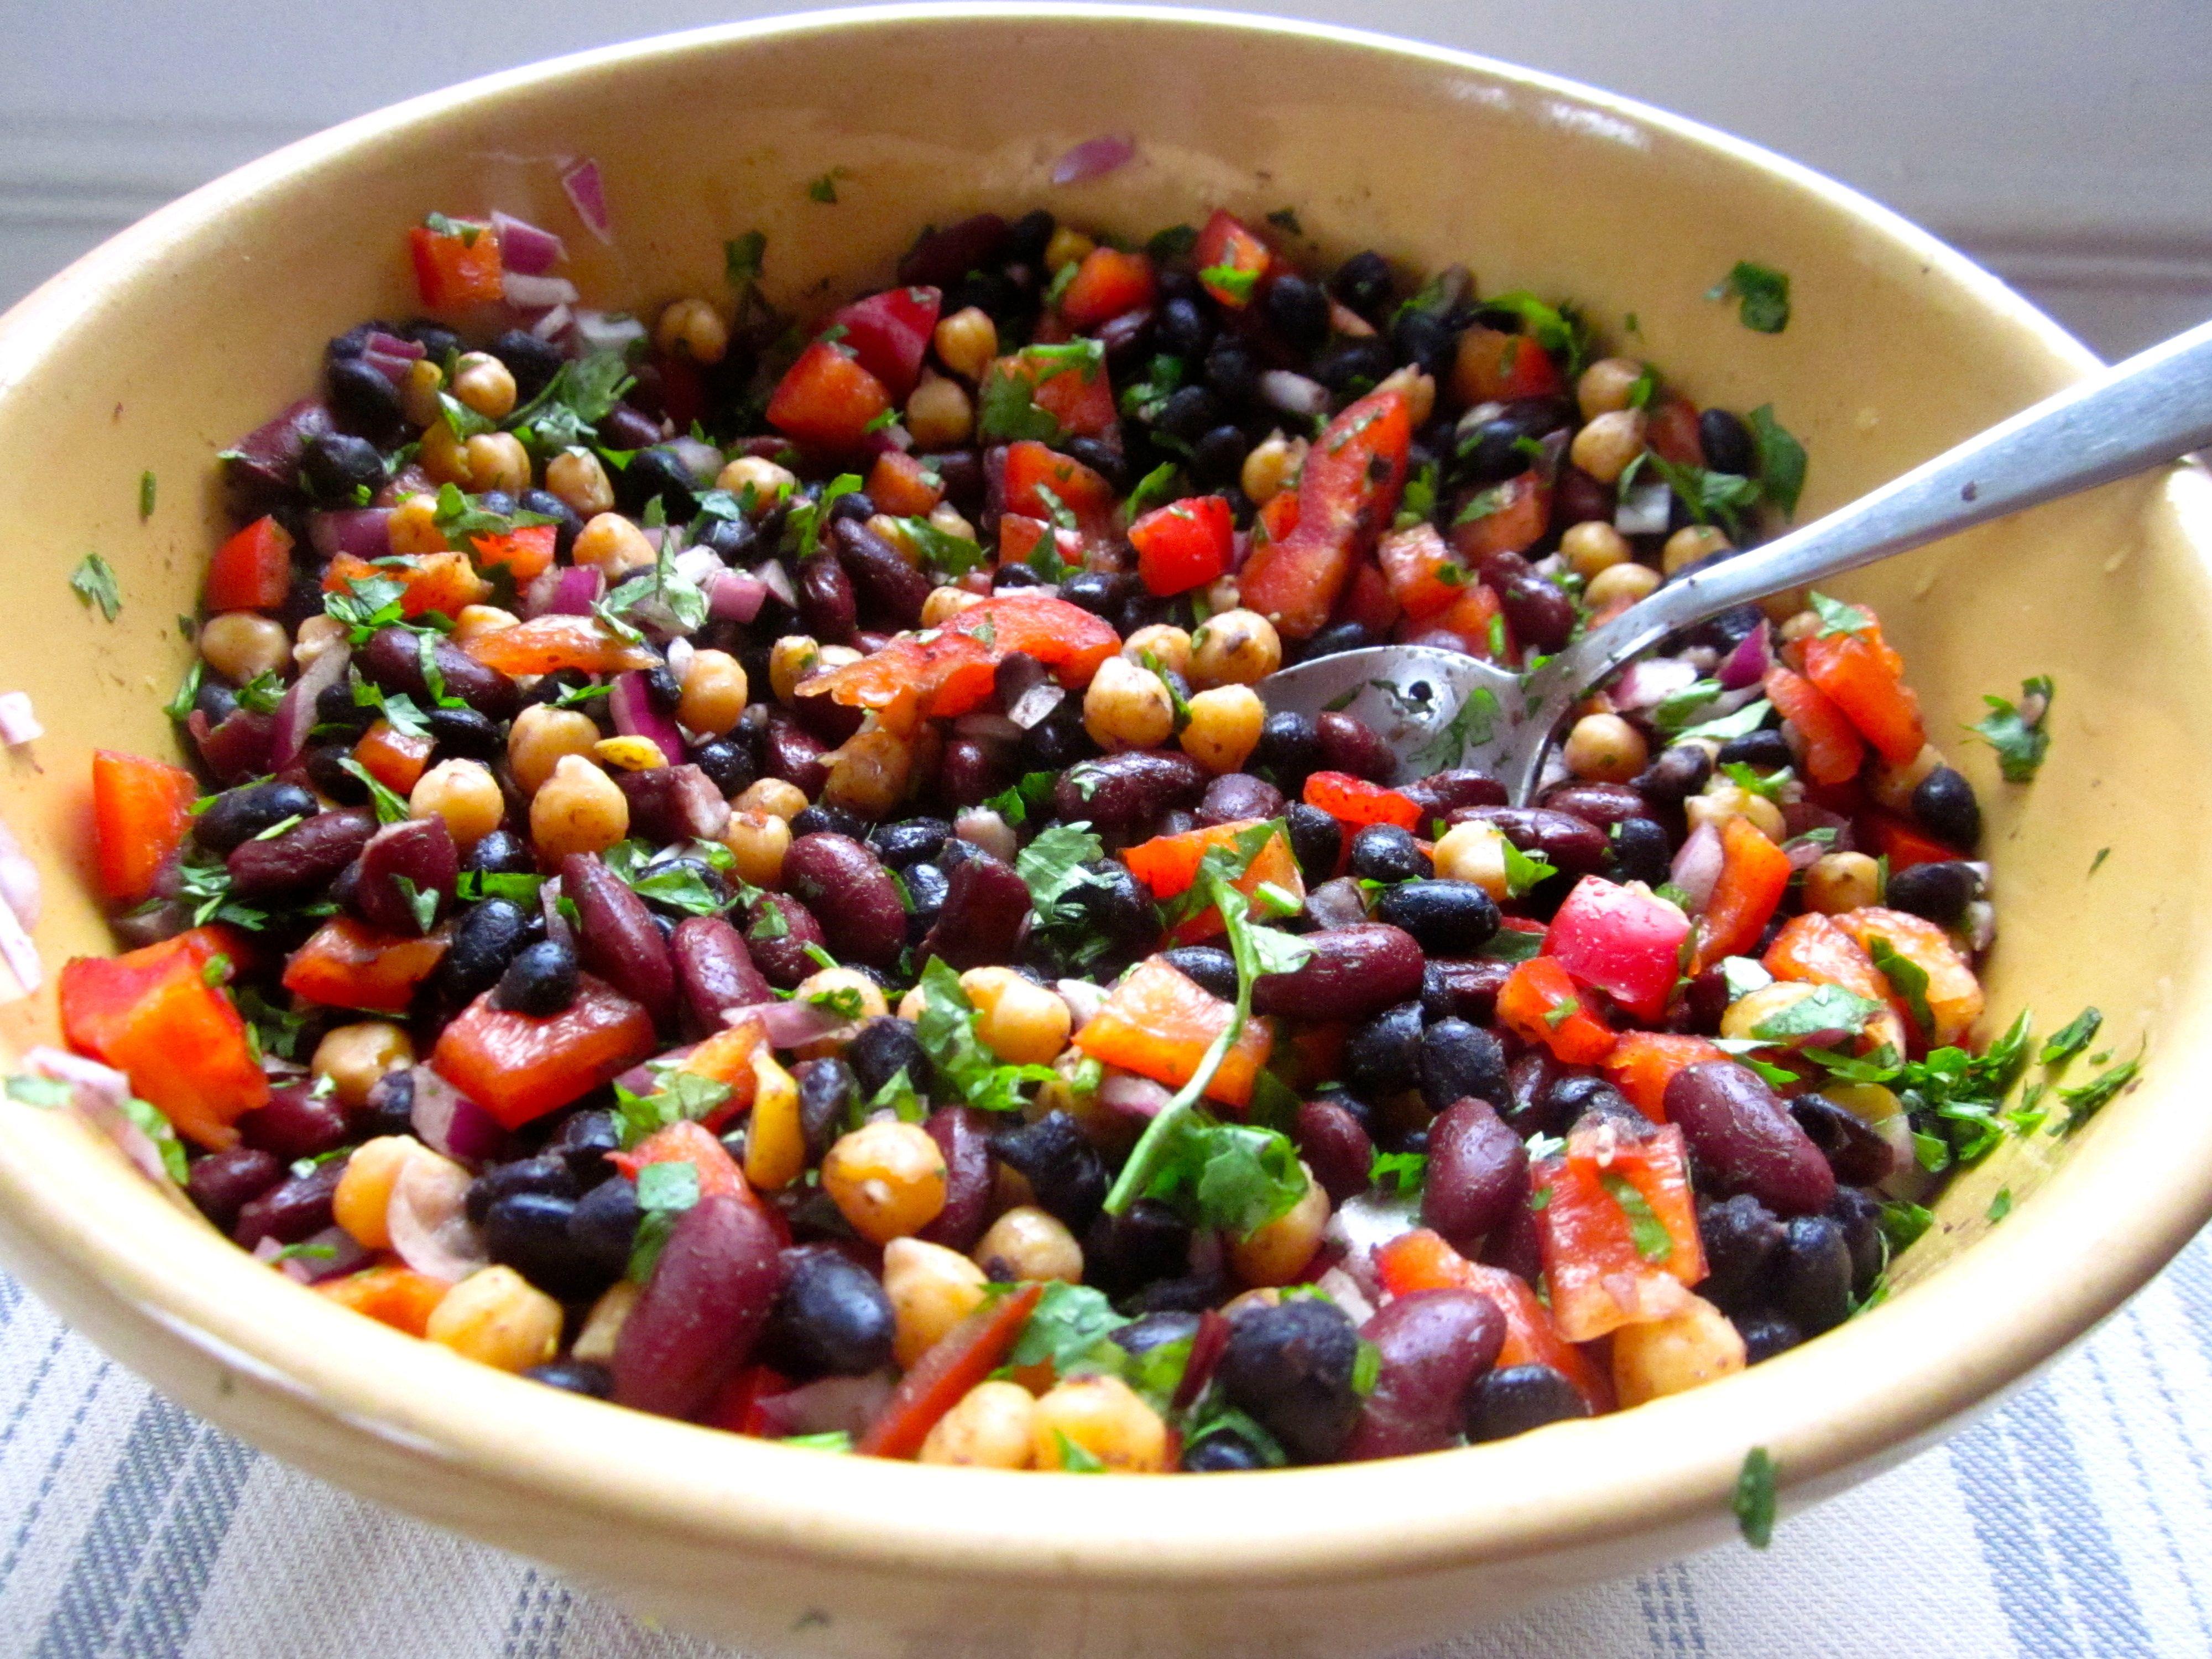 Stay at Stove Dad: Three-Bean Salad Recipe